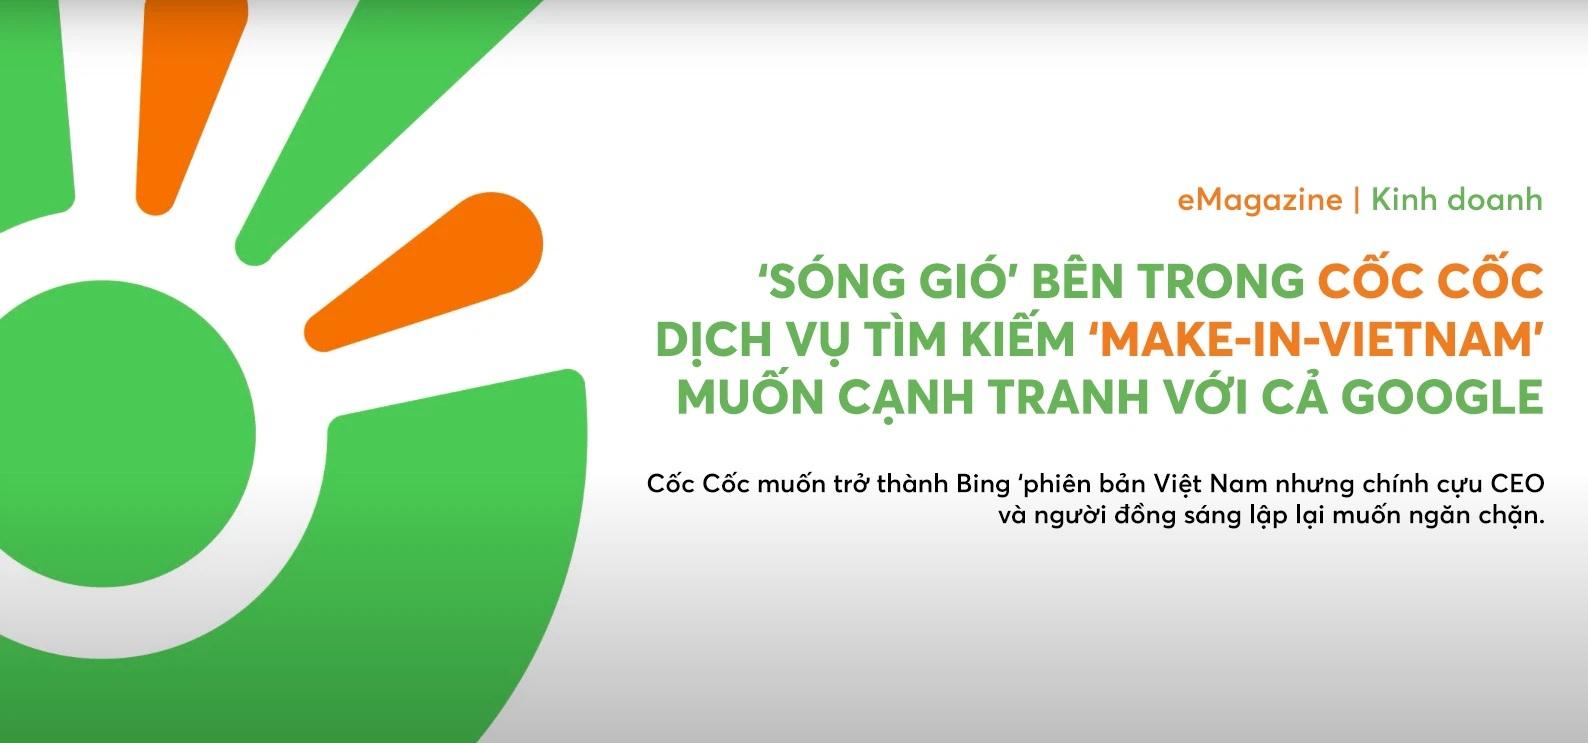 """""""Sóng gió"""" bên trong Cốc Cốc, dịch vụ tìm kiếm Made in Vietnam muốn cạnh tranh với cả Google"""